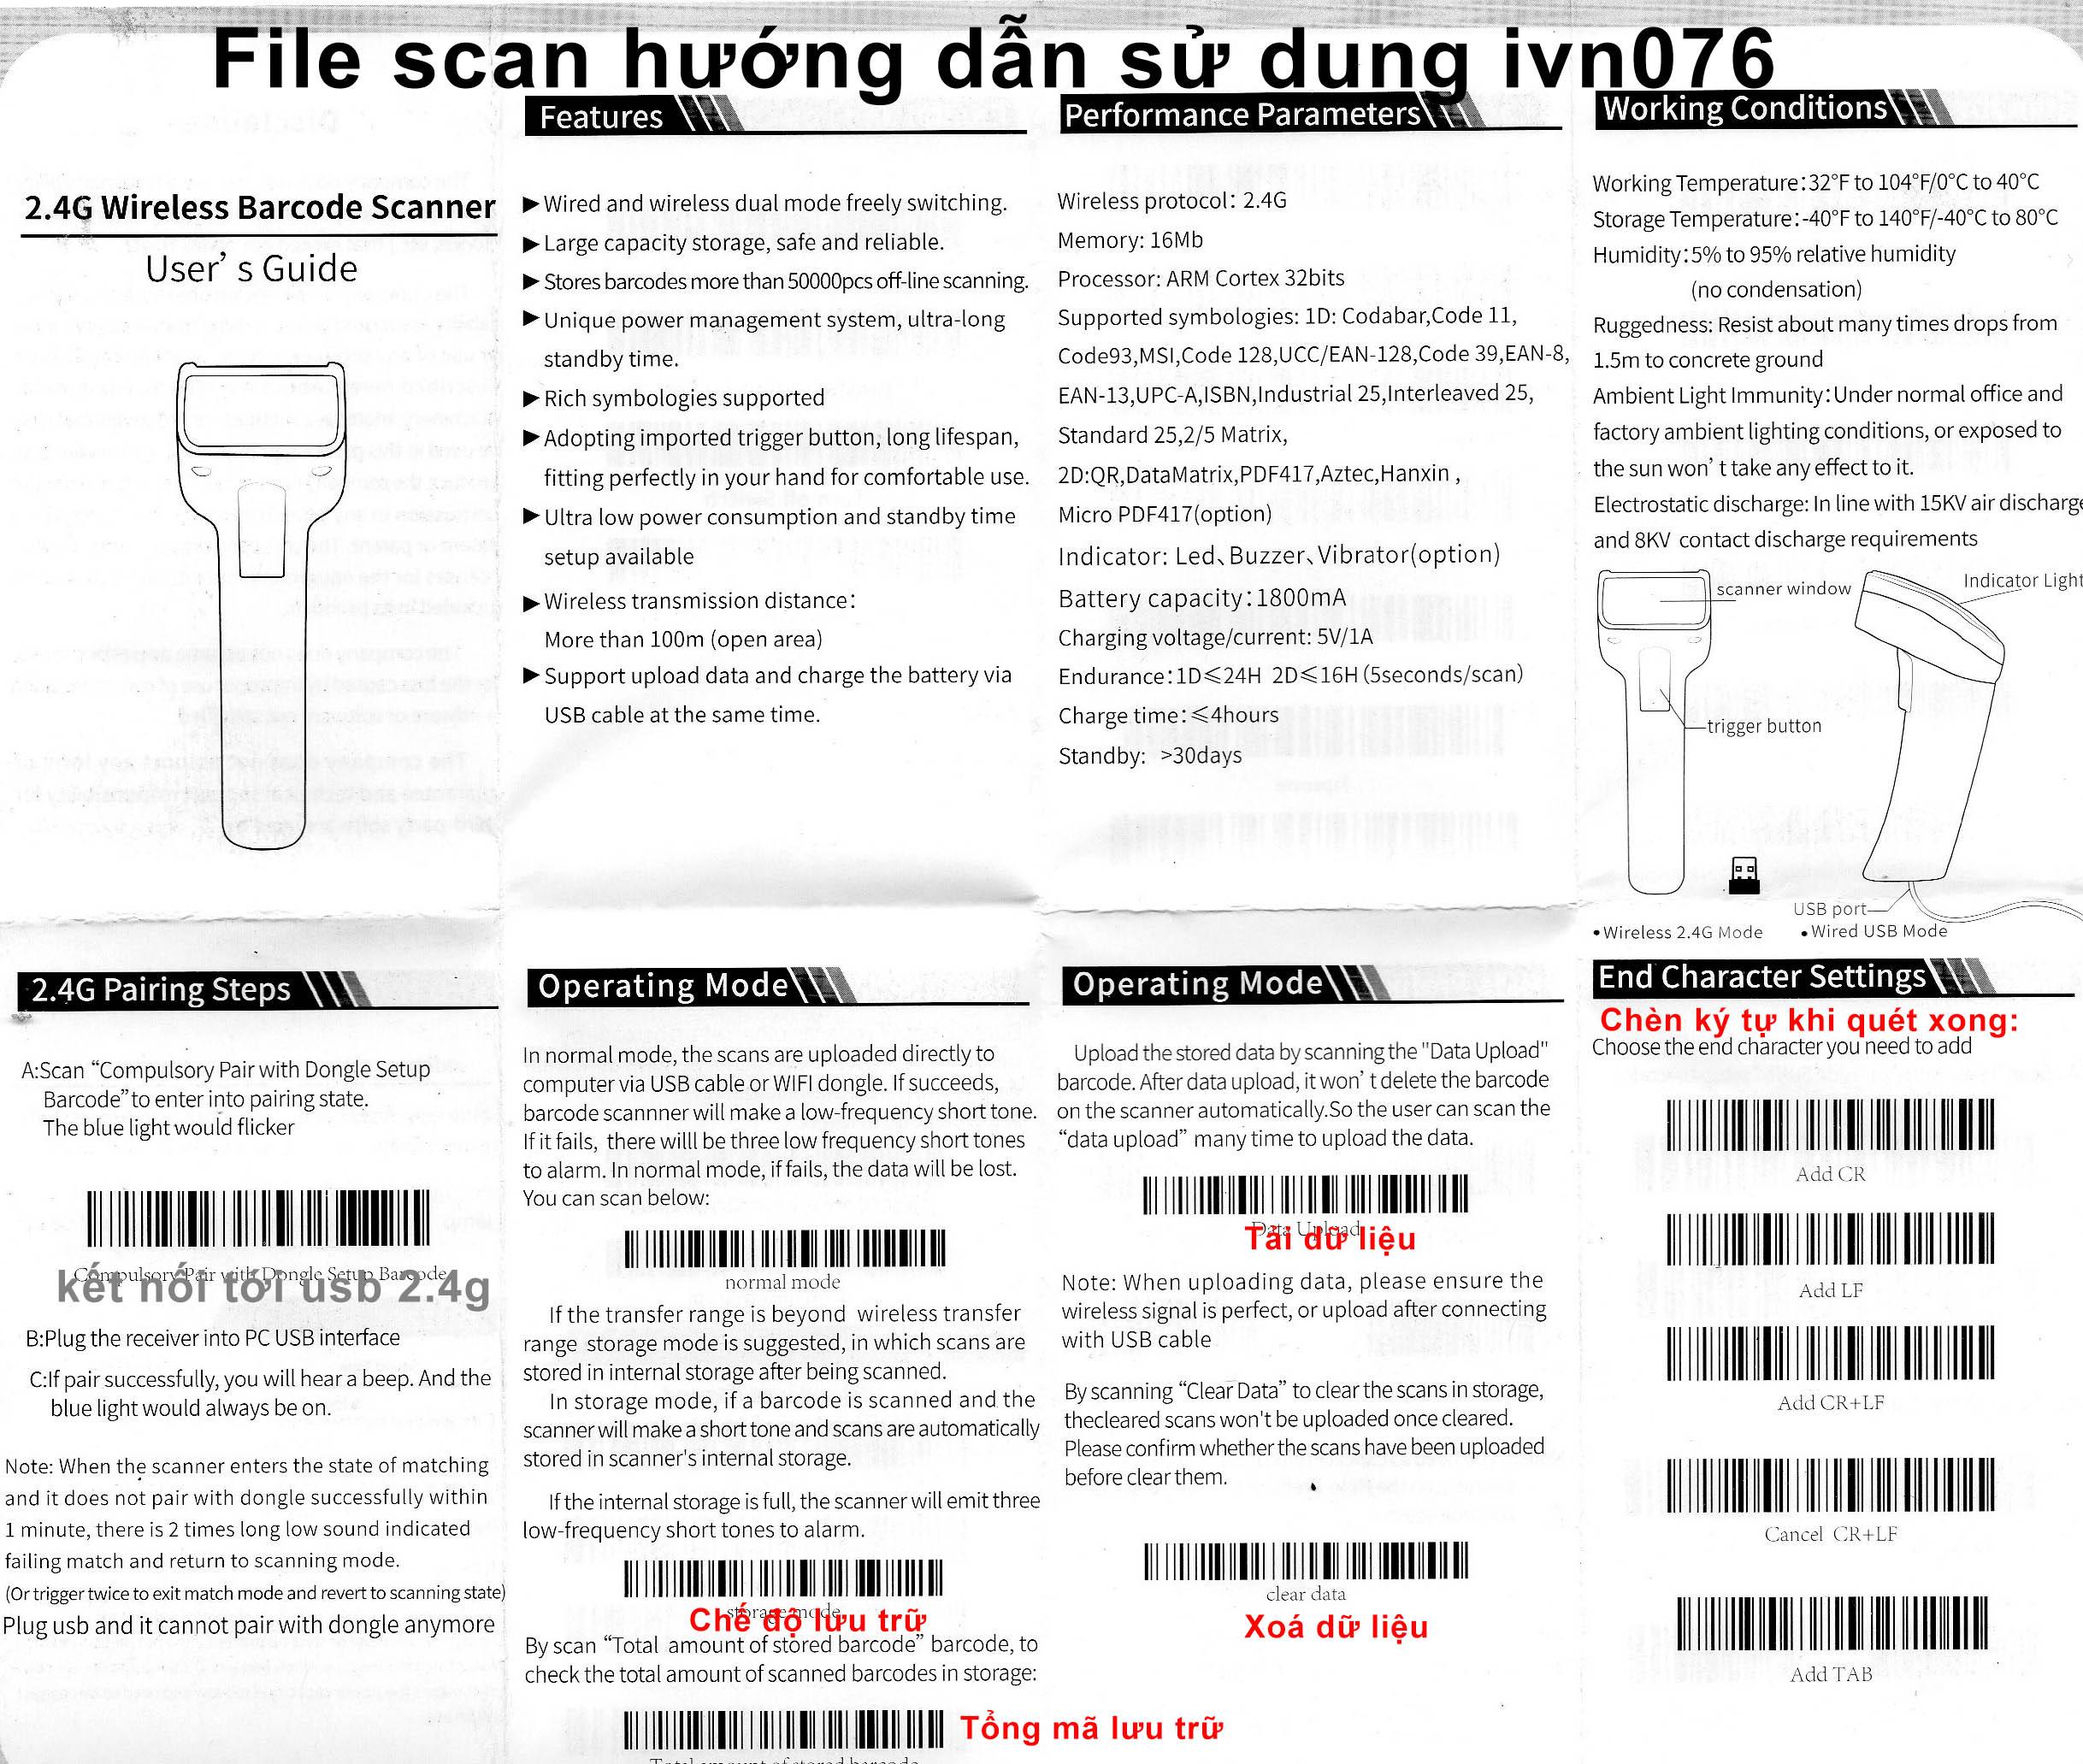 ivn076 máy quét mã vạch Symcode ivn076 không dây cảm biến hồng quang CCD (2D) quét được cả mã barcode 1D và mã QR 2D